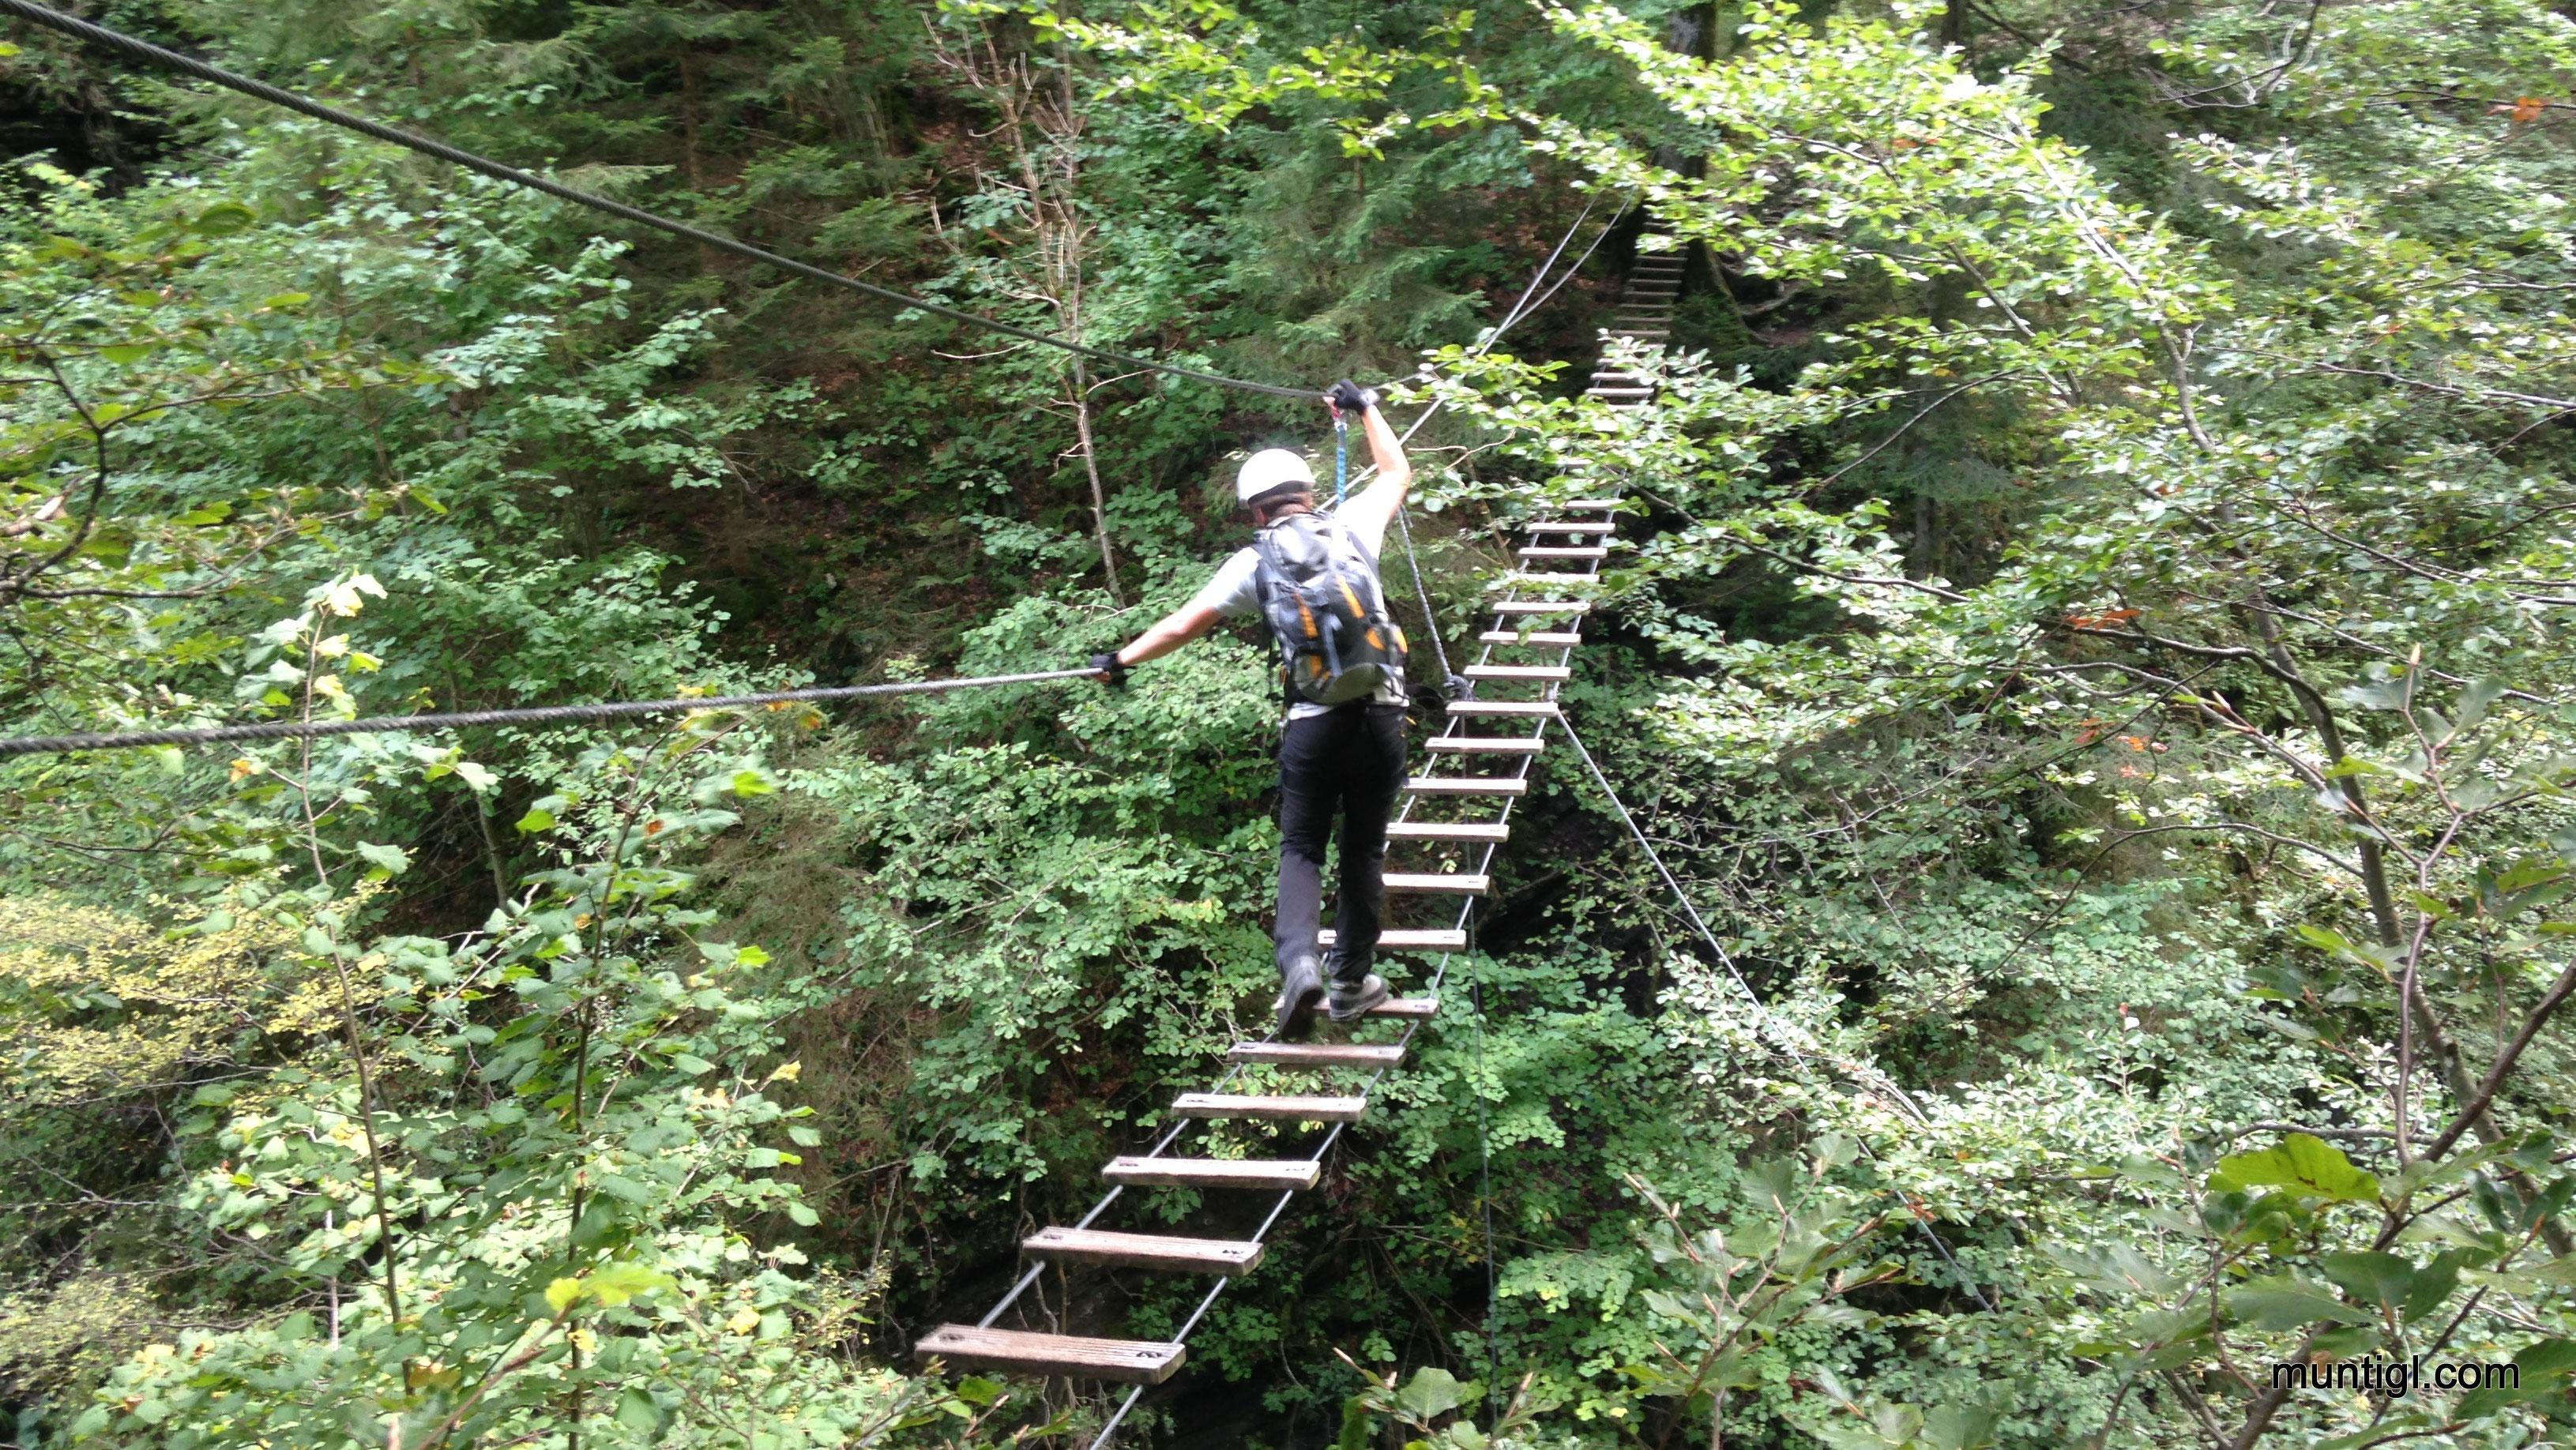 Klettersteig Postalm : Postalm klettersteig d zweitbegehung alpine abenteuer